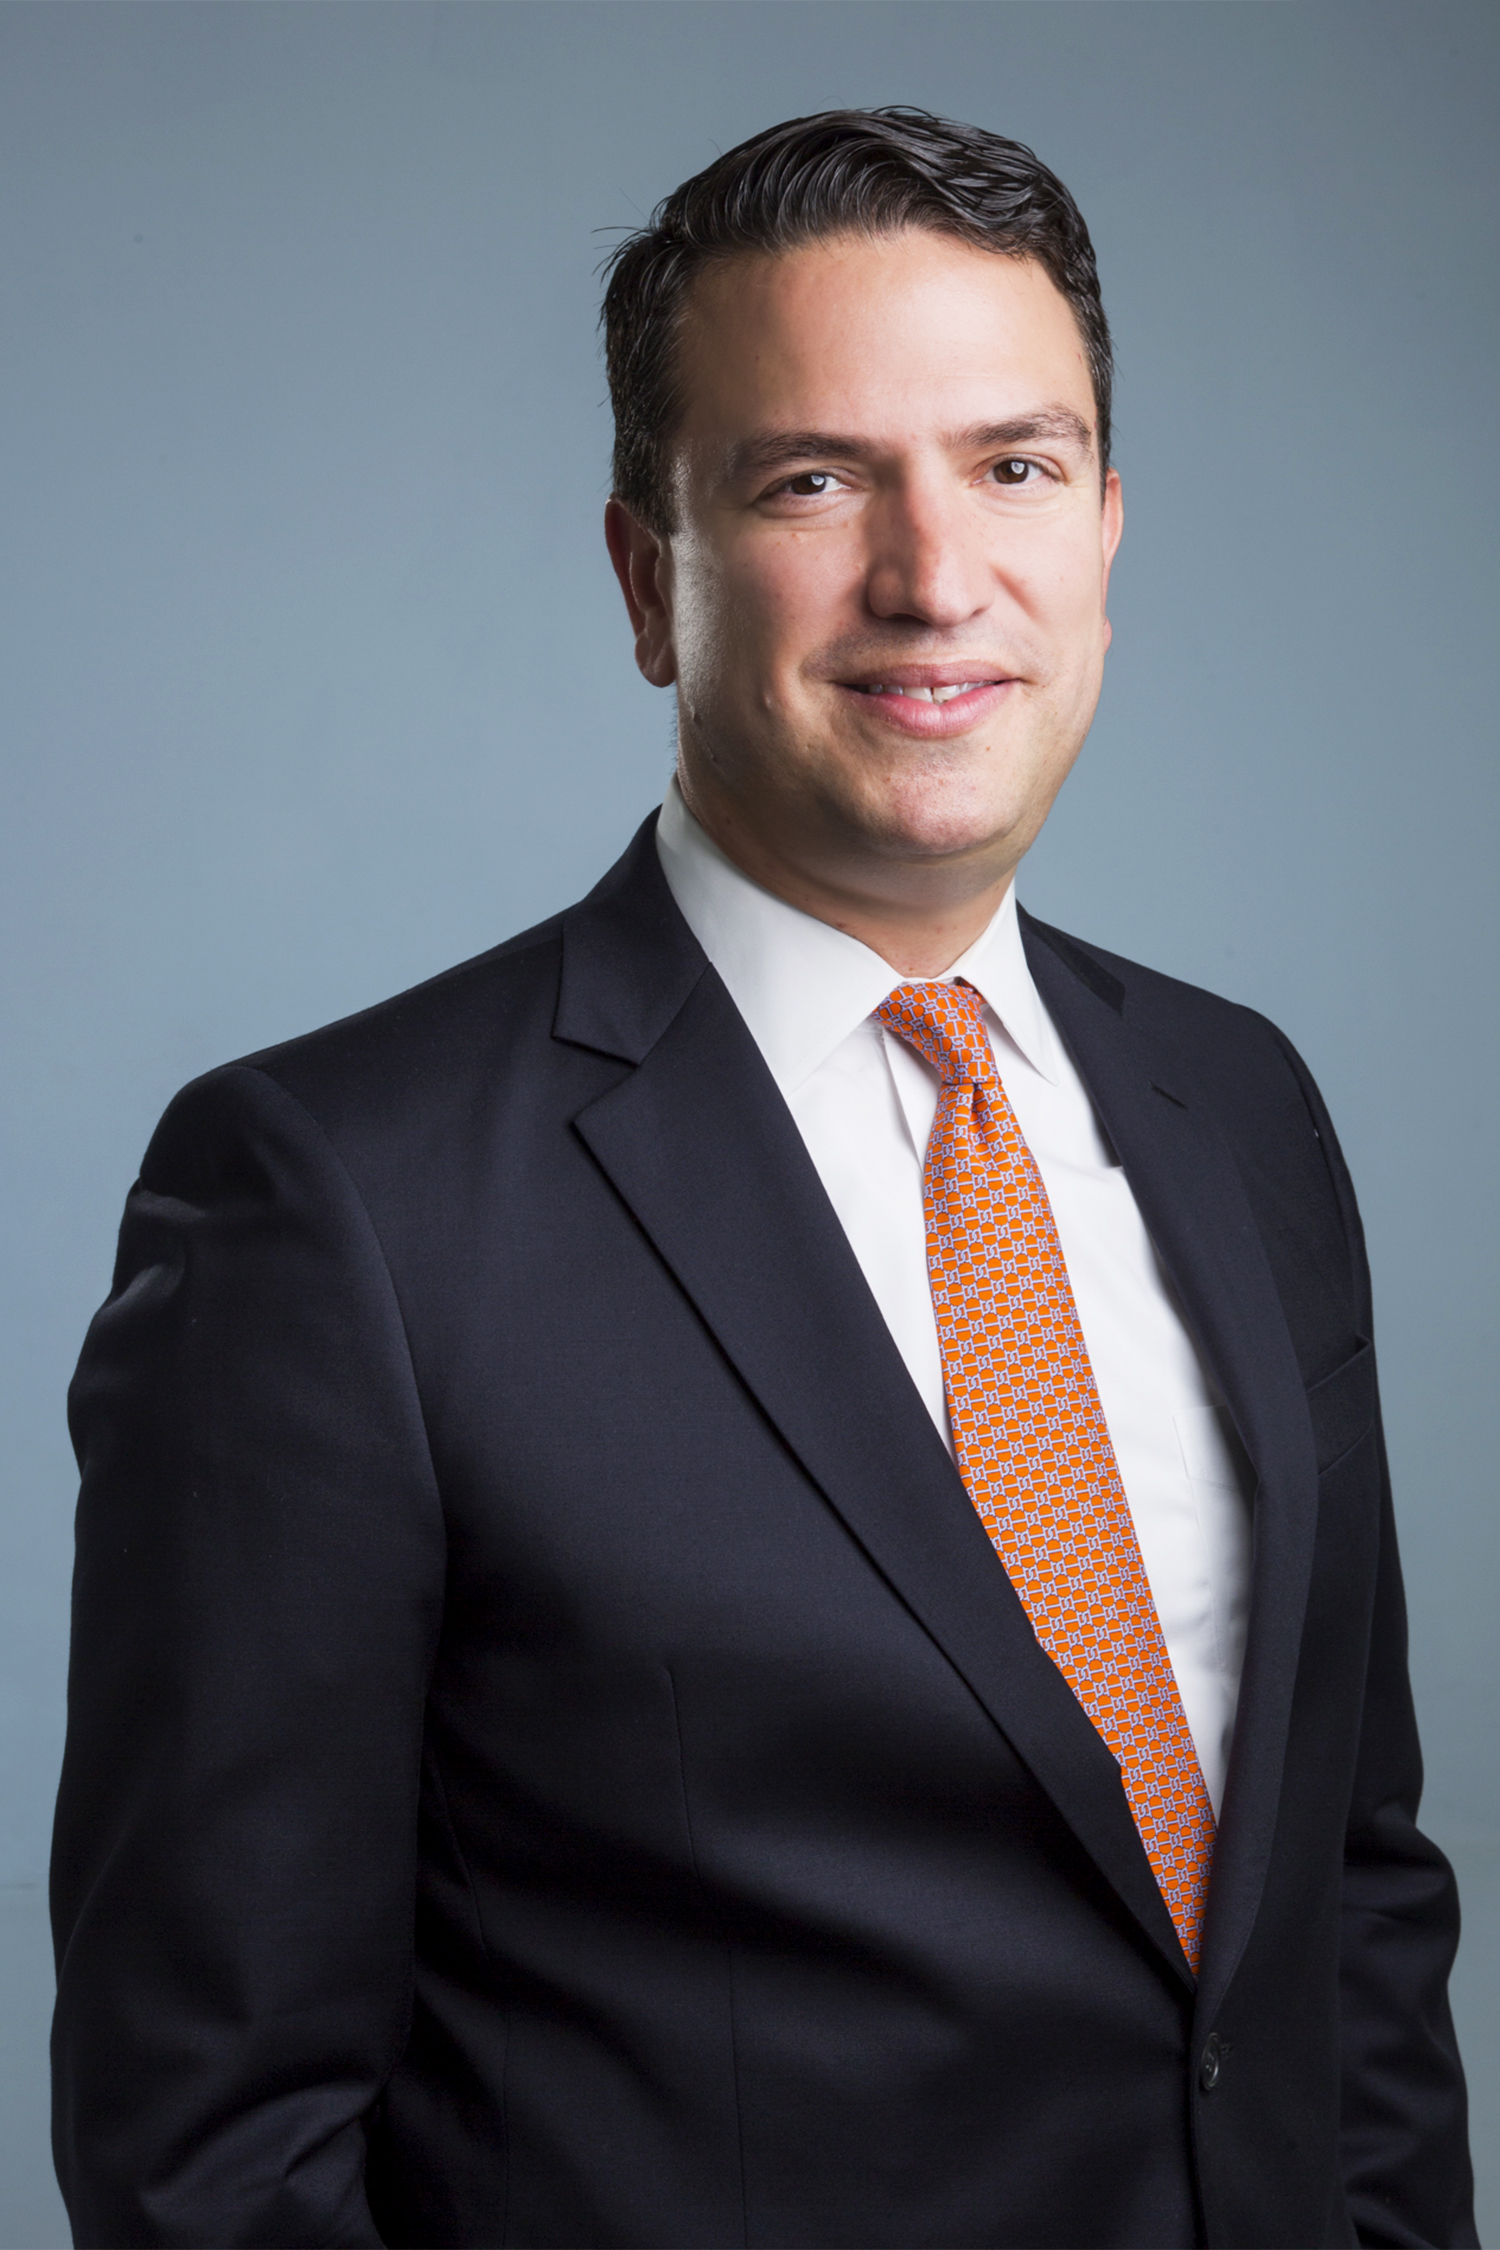 Mario Forlini - Board Member